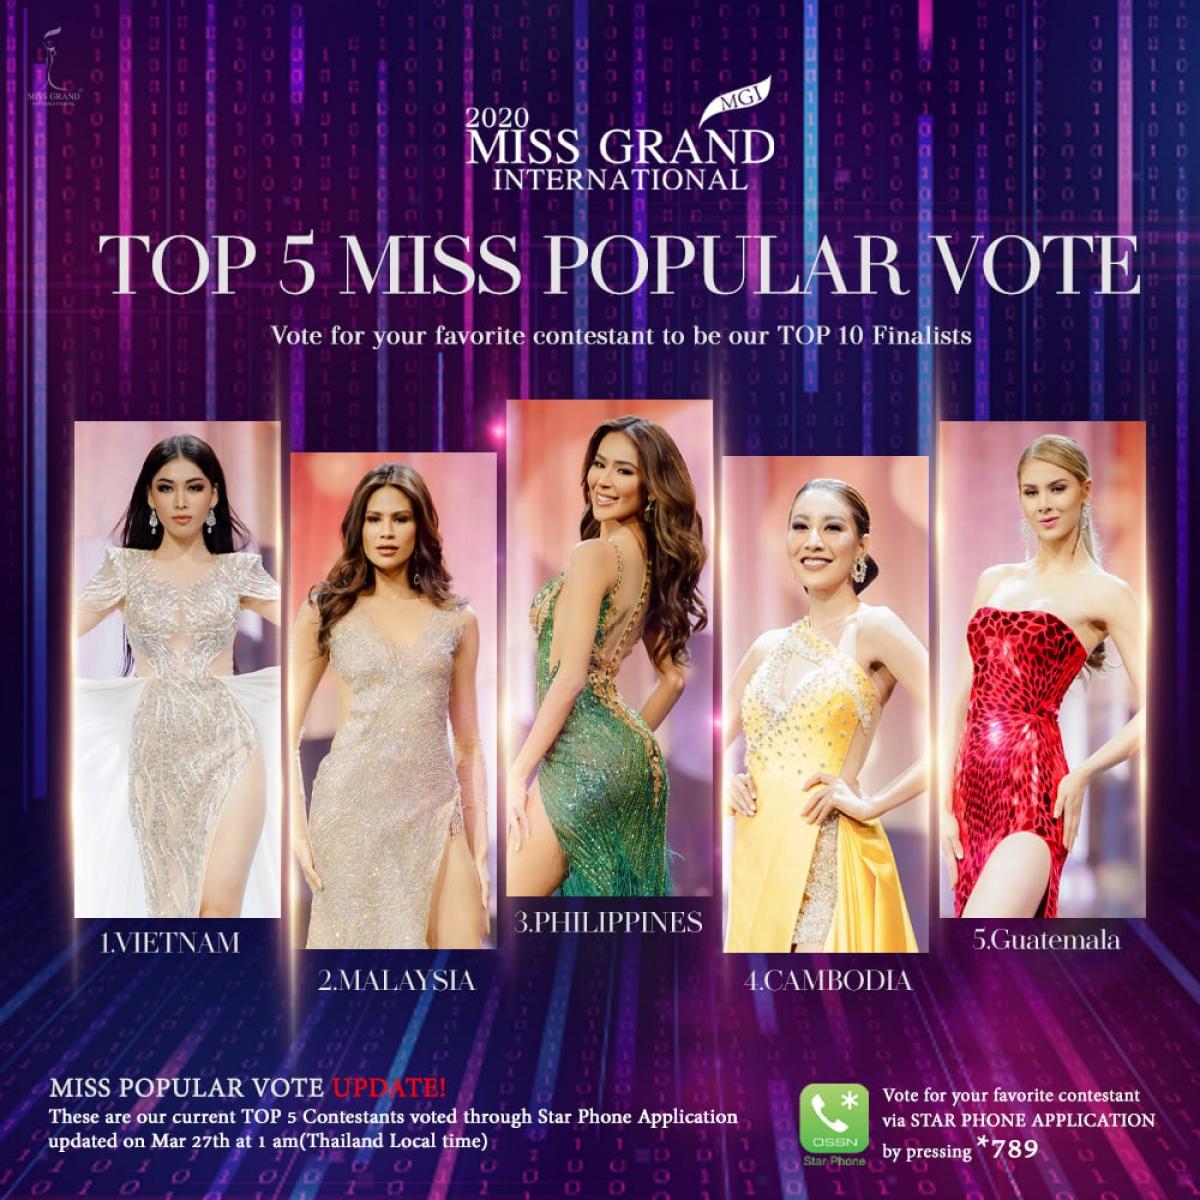 Á hậu Ngọc Thảo dẫn đầu bảng xếp hạng bình chọn trước thềm Chung kết Miss Grand International.